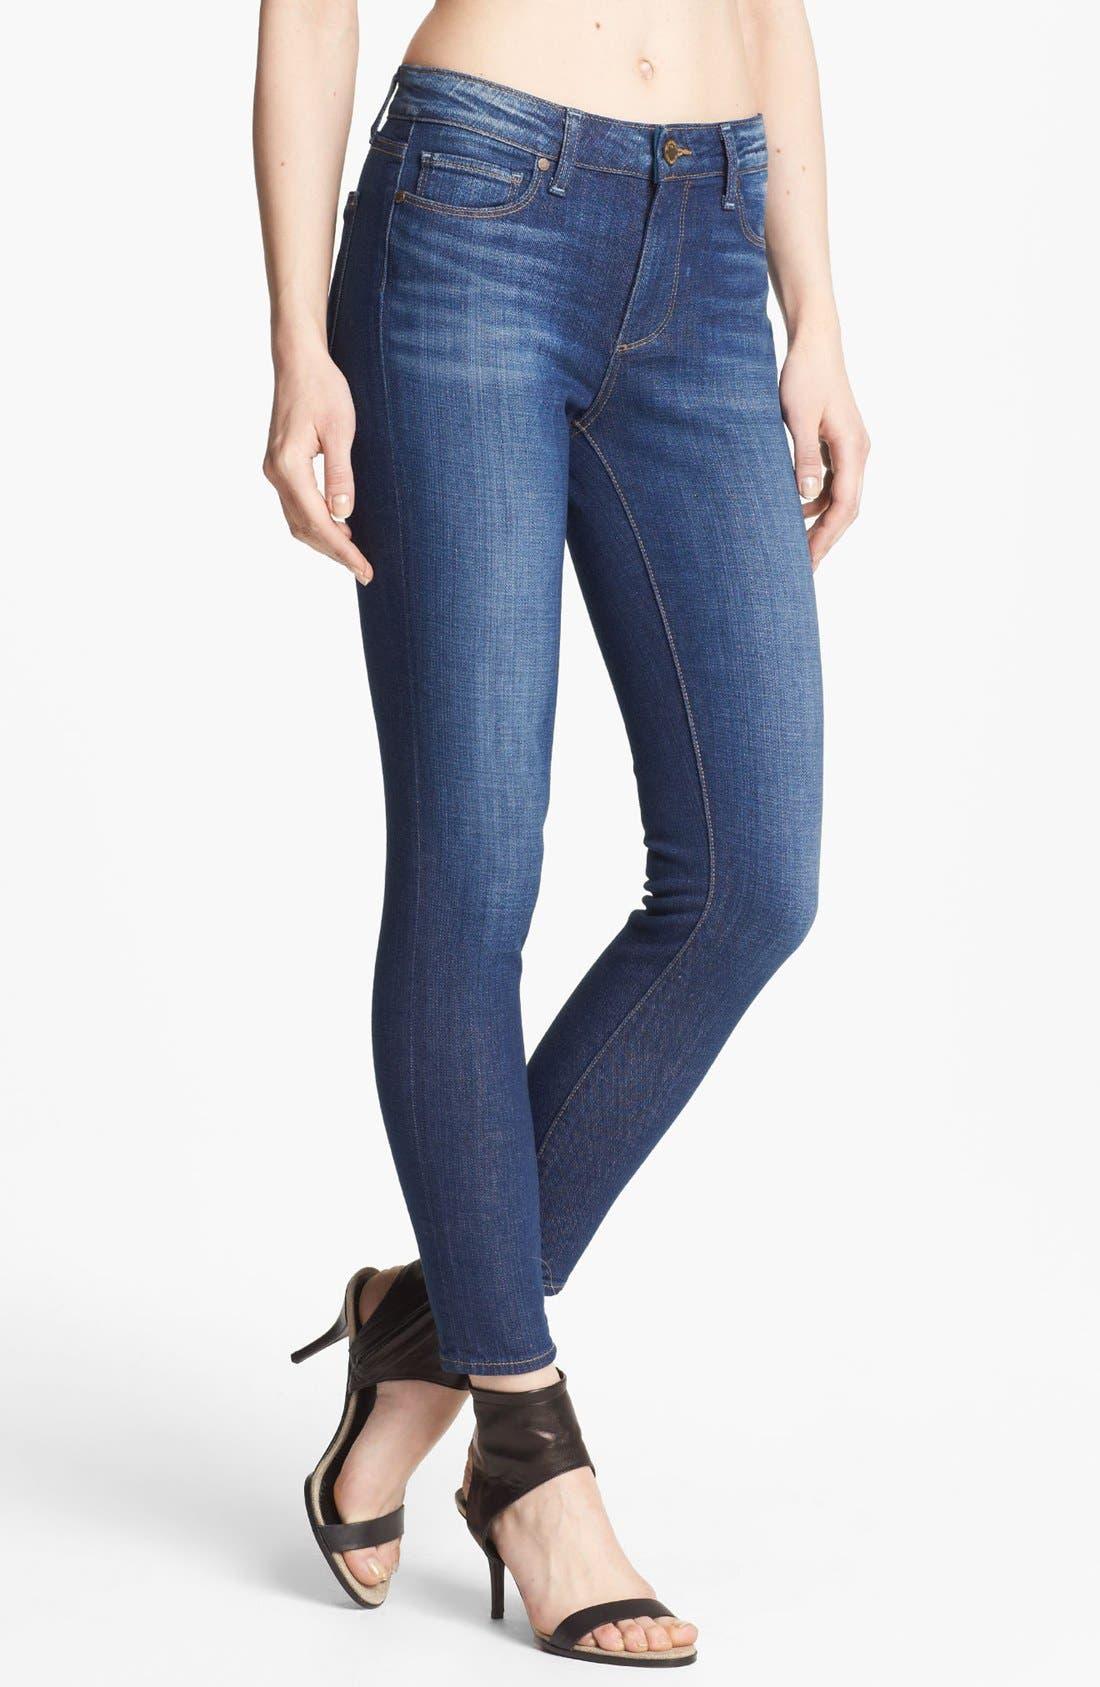 Main Image - Paige Denim 'Hoxton' Ankle Jeans (Journey)